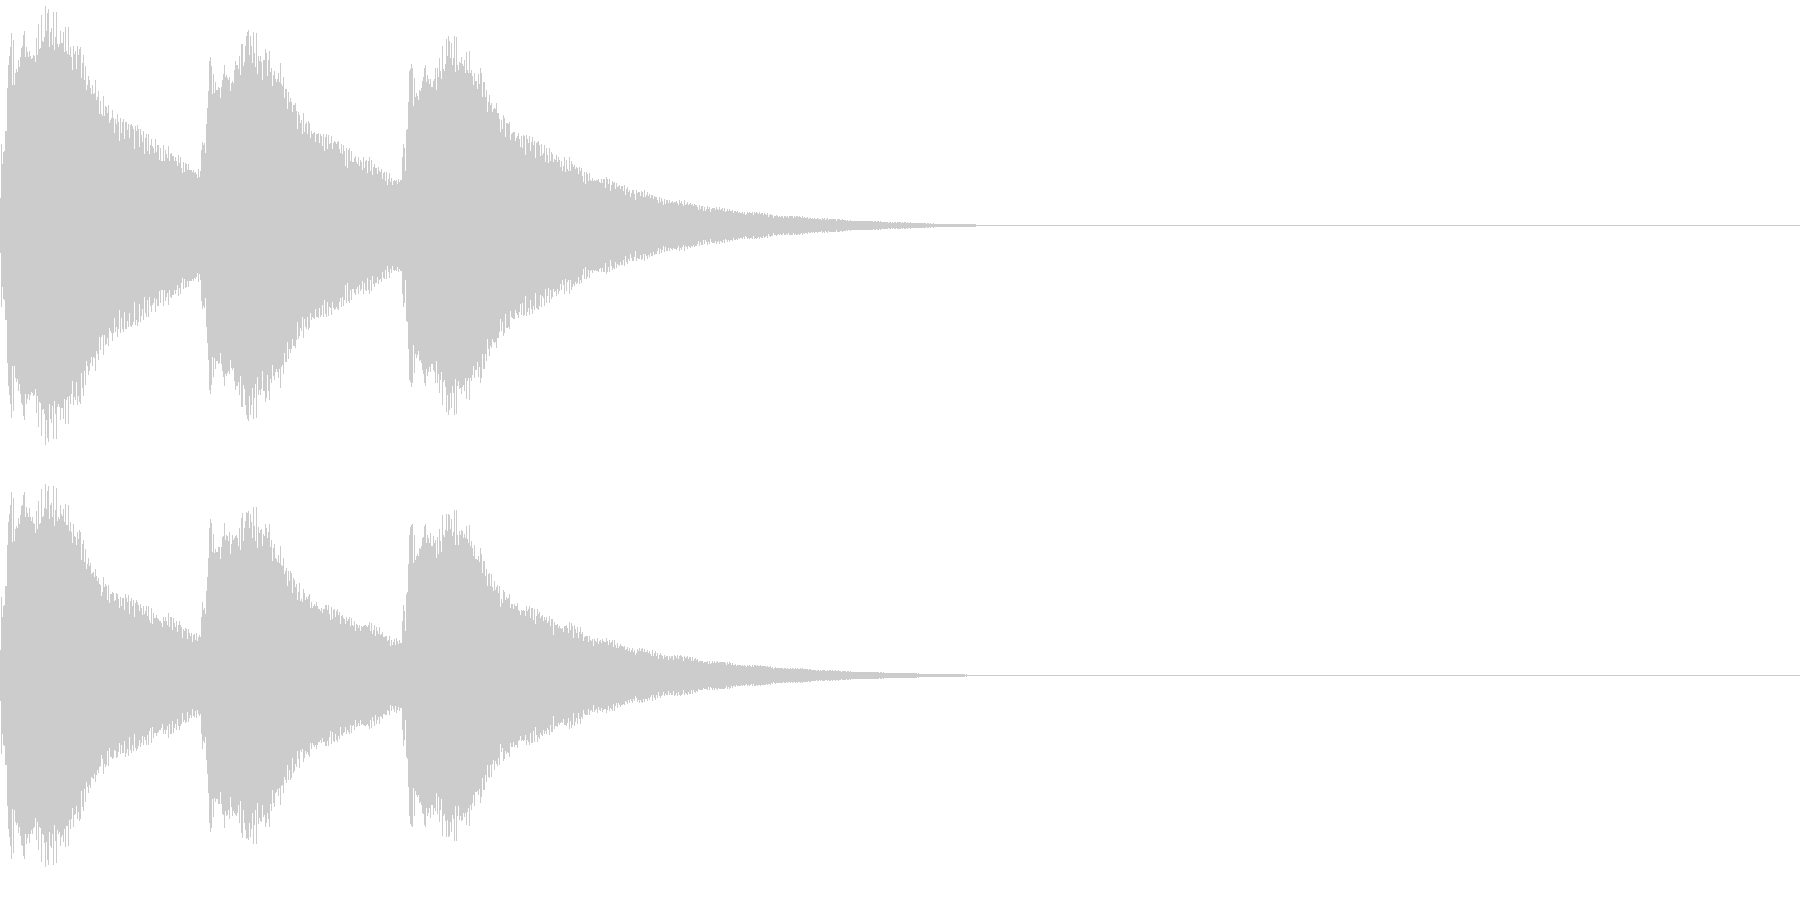 カンカンカーン プロレスゴングの音の未再生の波形